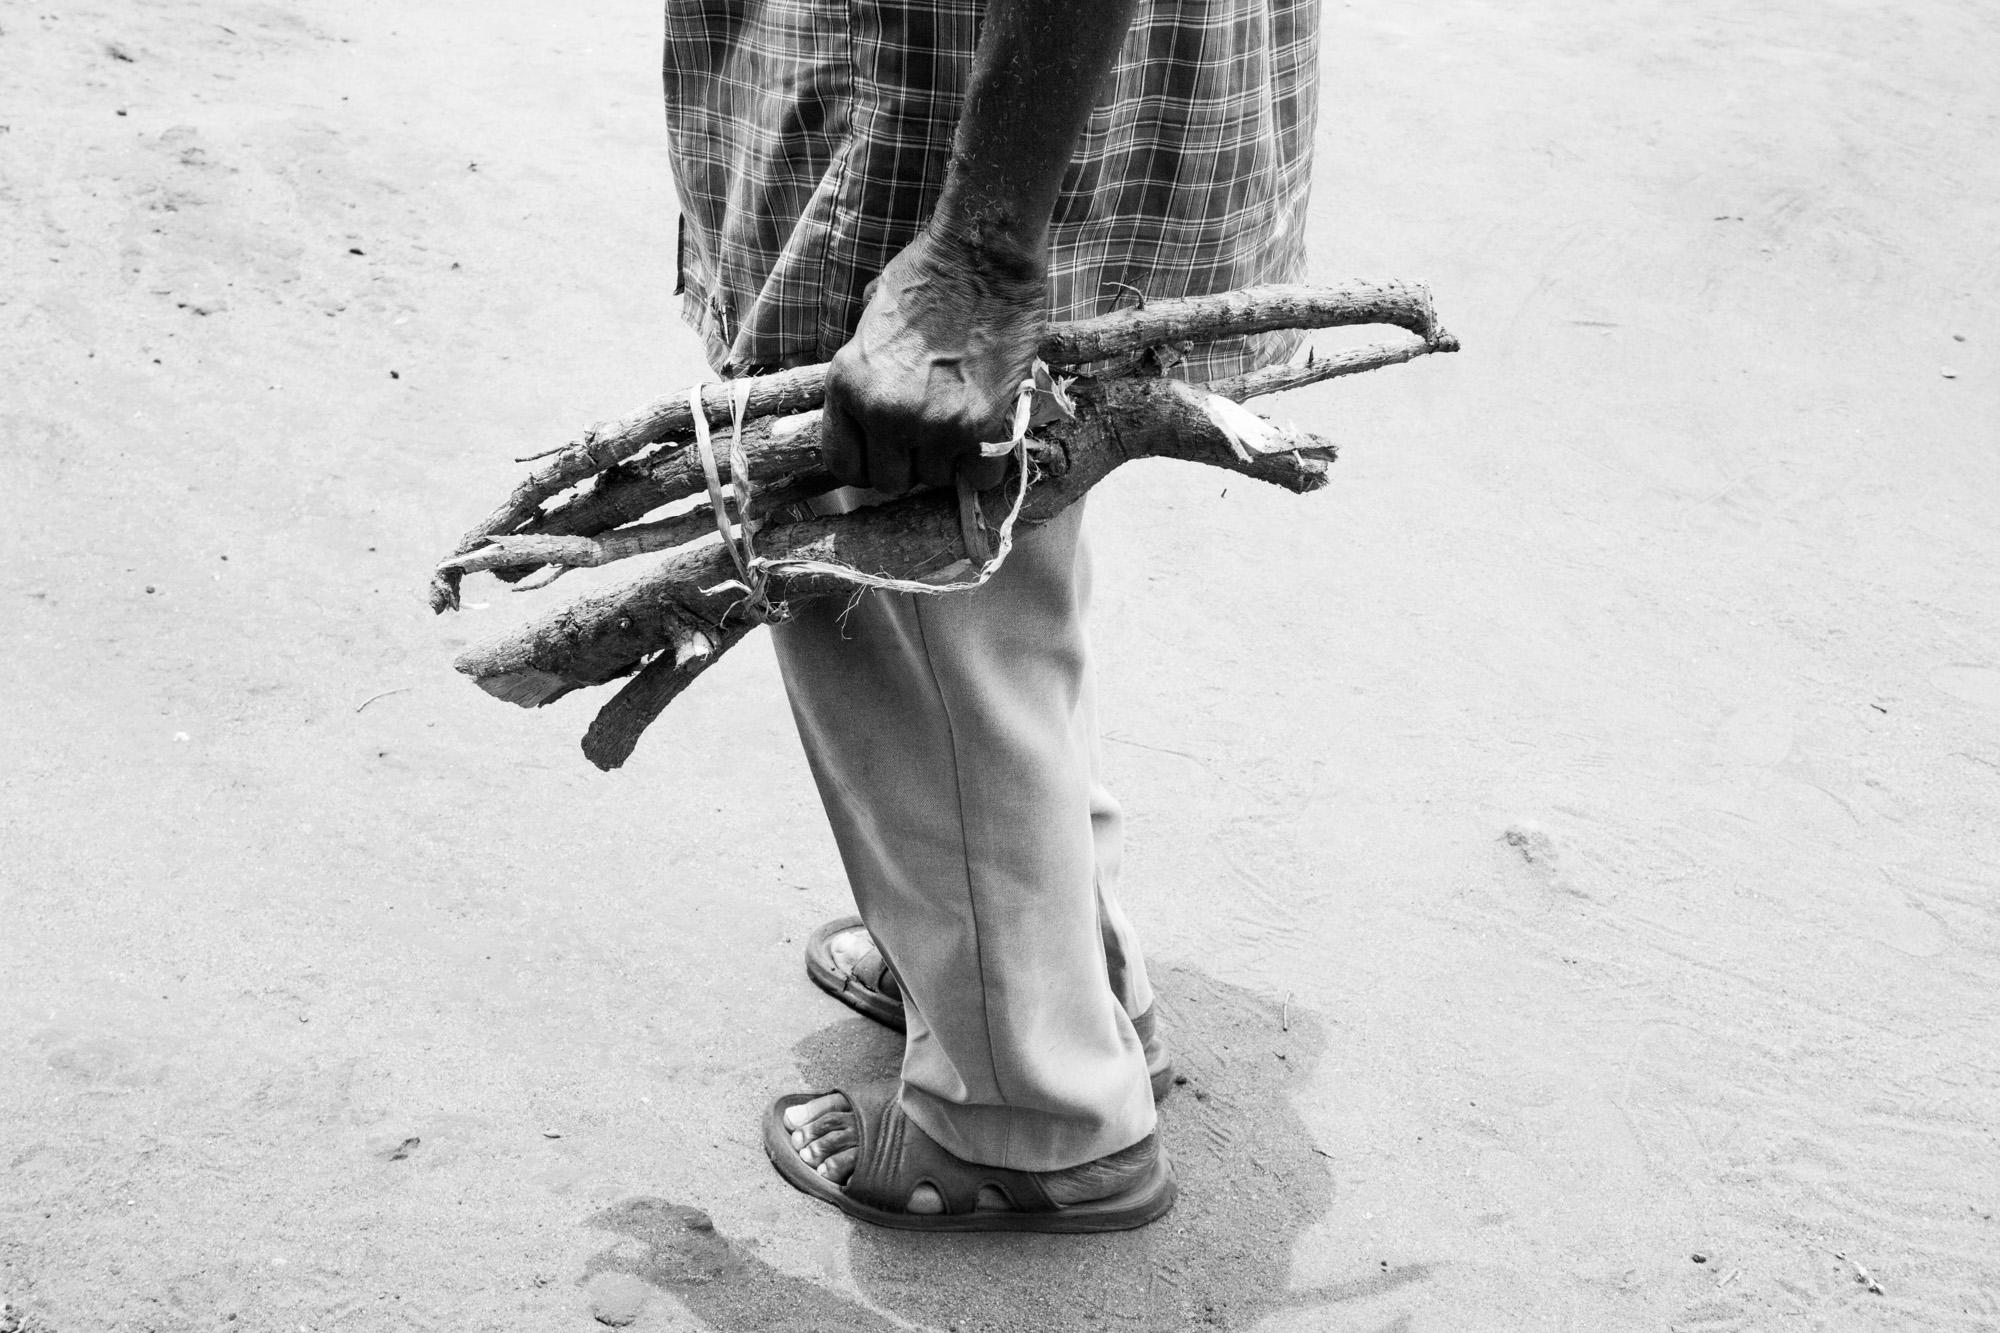 Photo by Biko Wesa